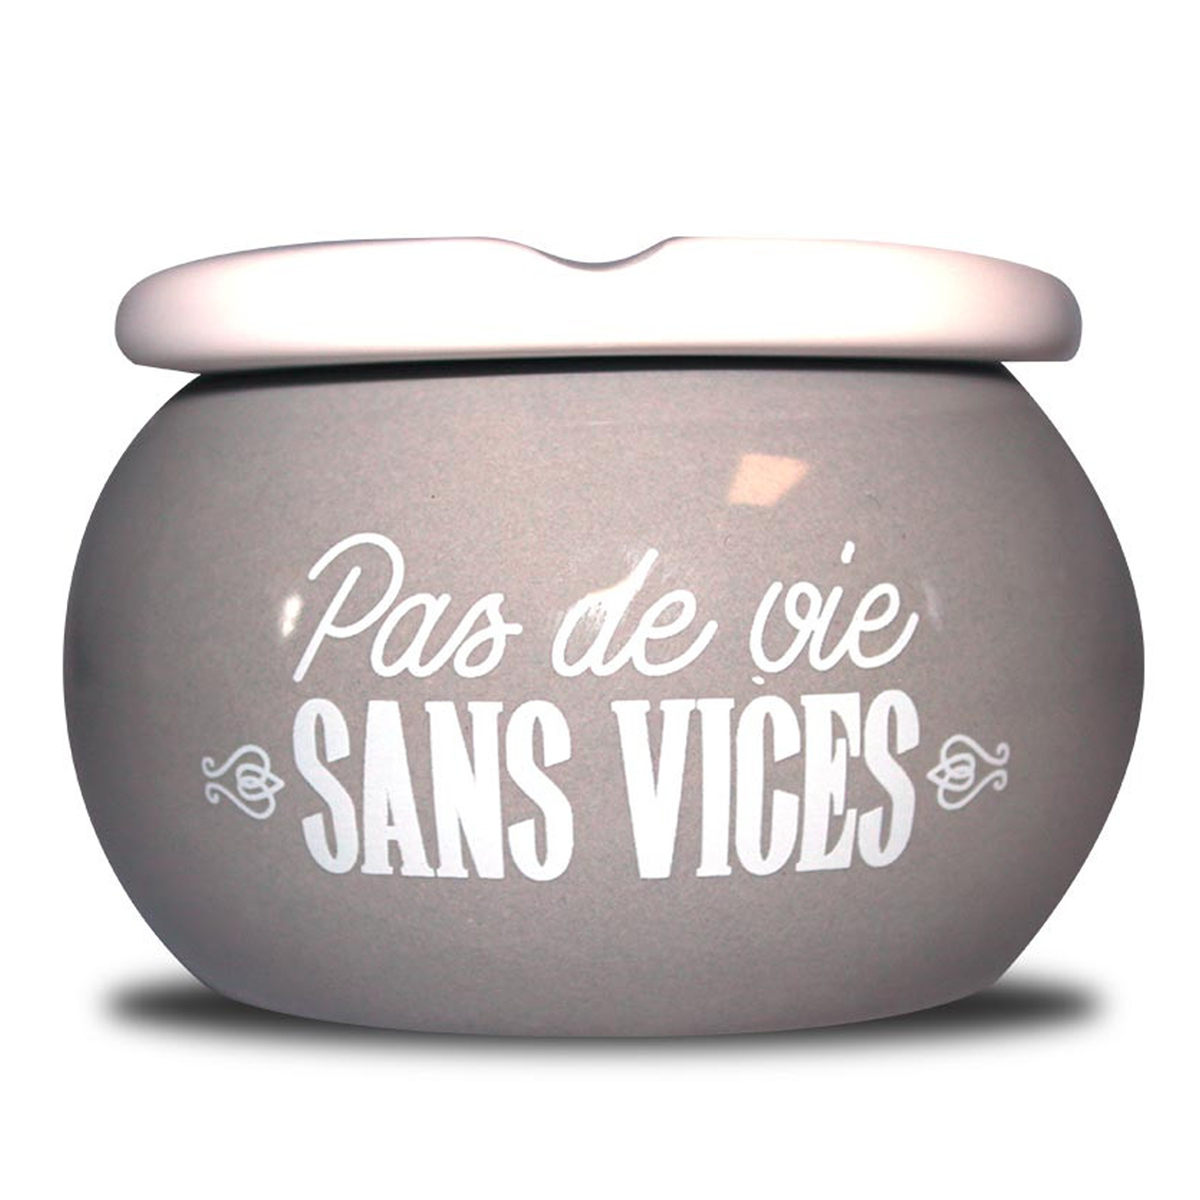 Cendrier marocain céramique \'Messages\' gris (Pas de vie sans vices) - 9x6 cm - [A0568]